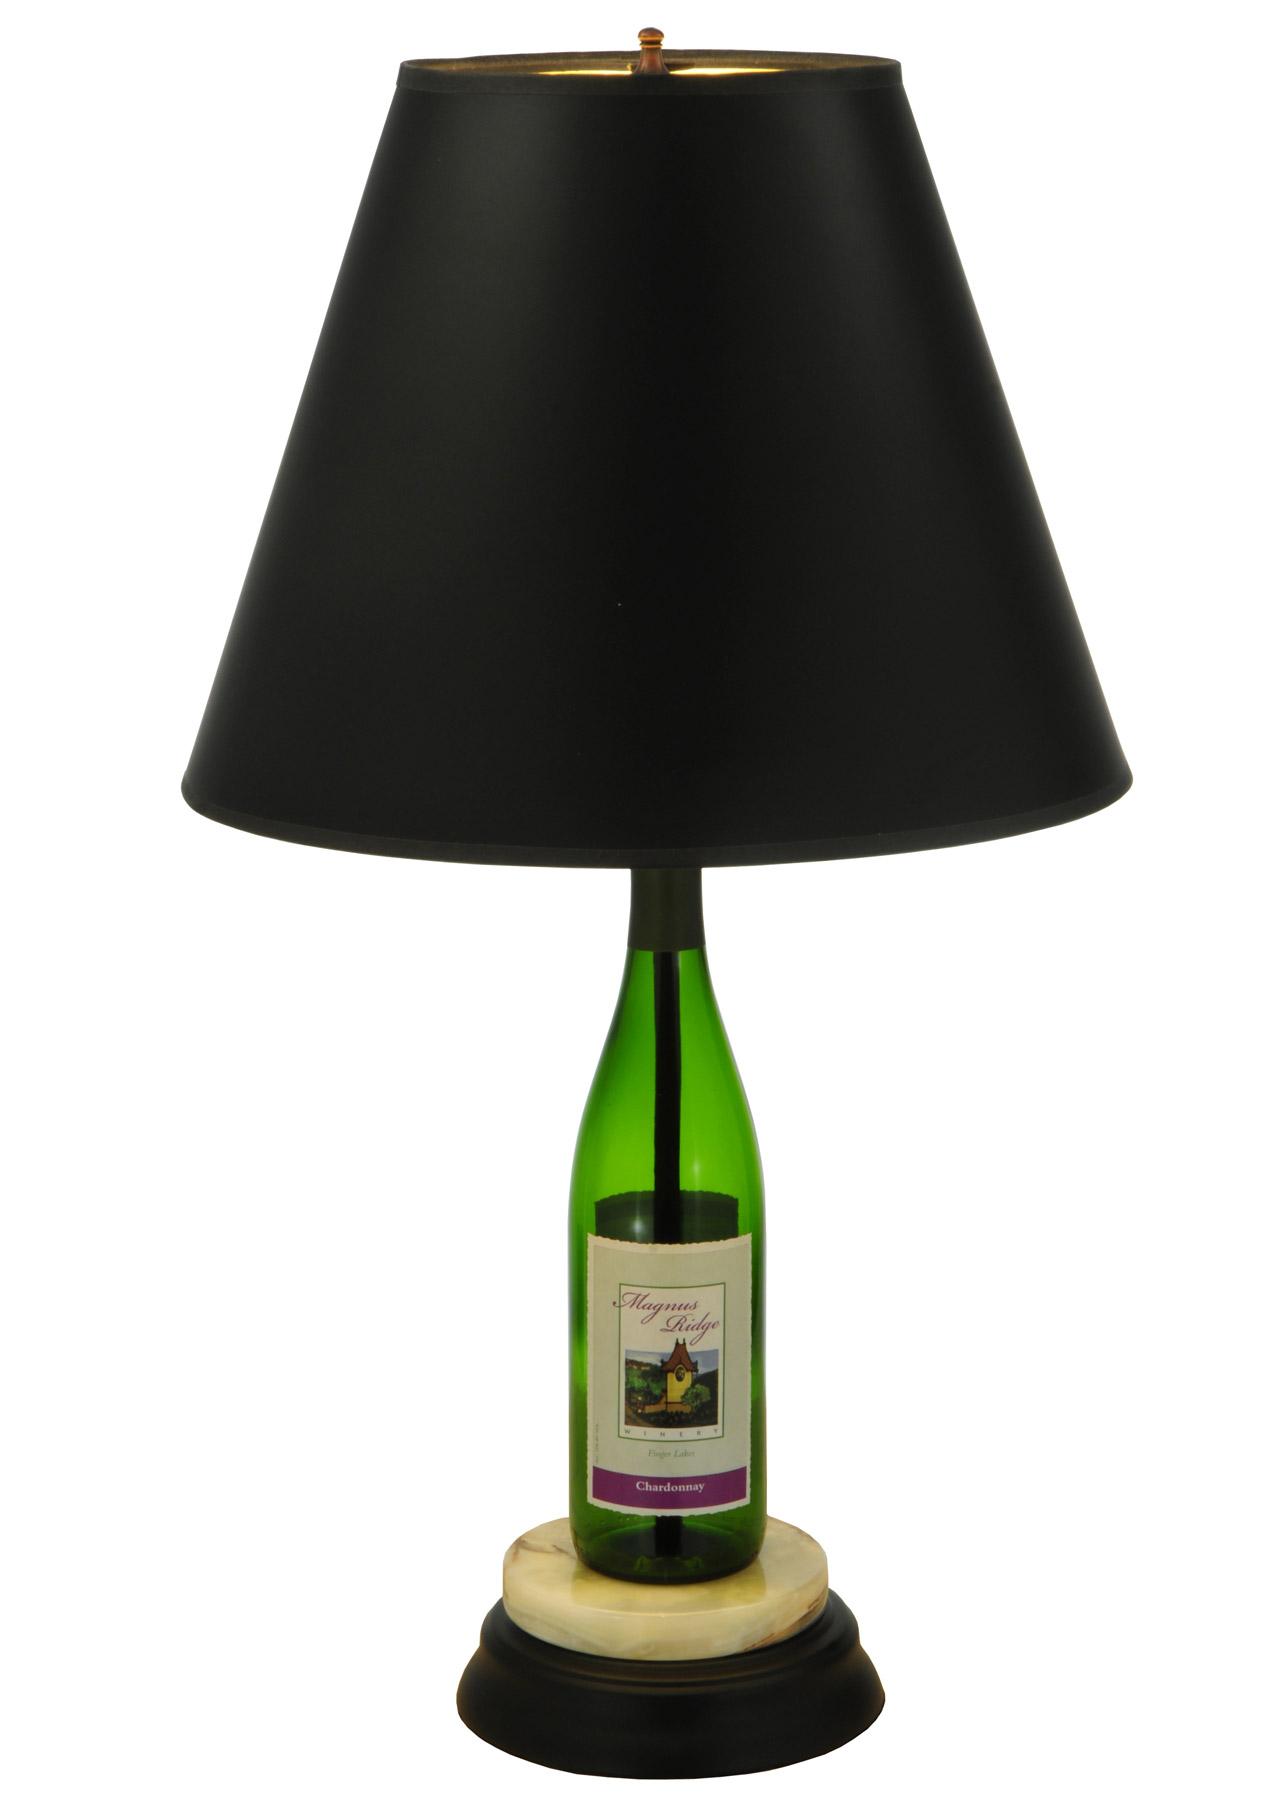 134264 personalized wine bottle table lamp meyda 134264 personalized wine bottle table lamp aloadofball Choice Image